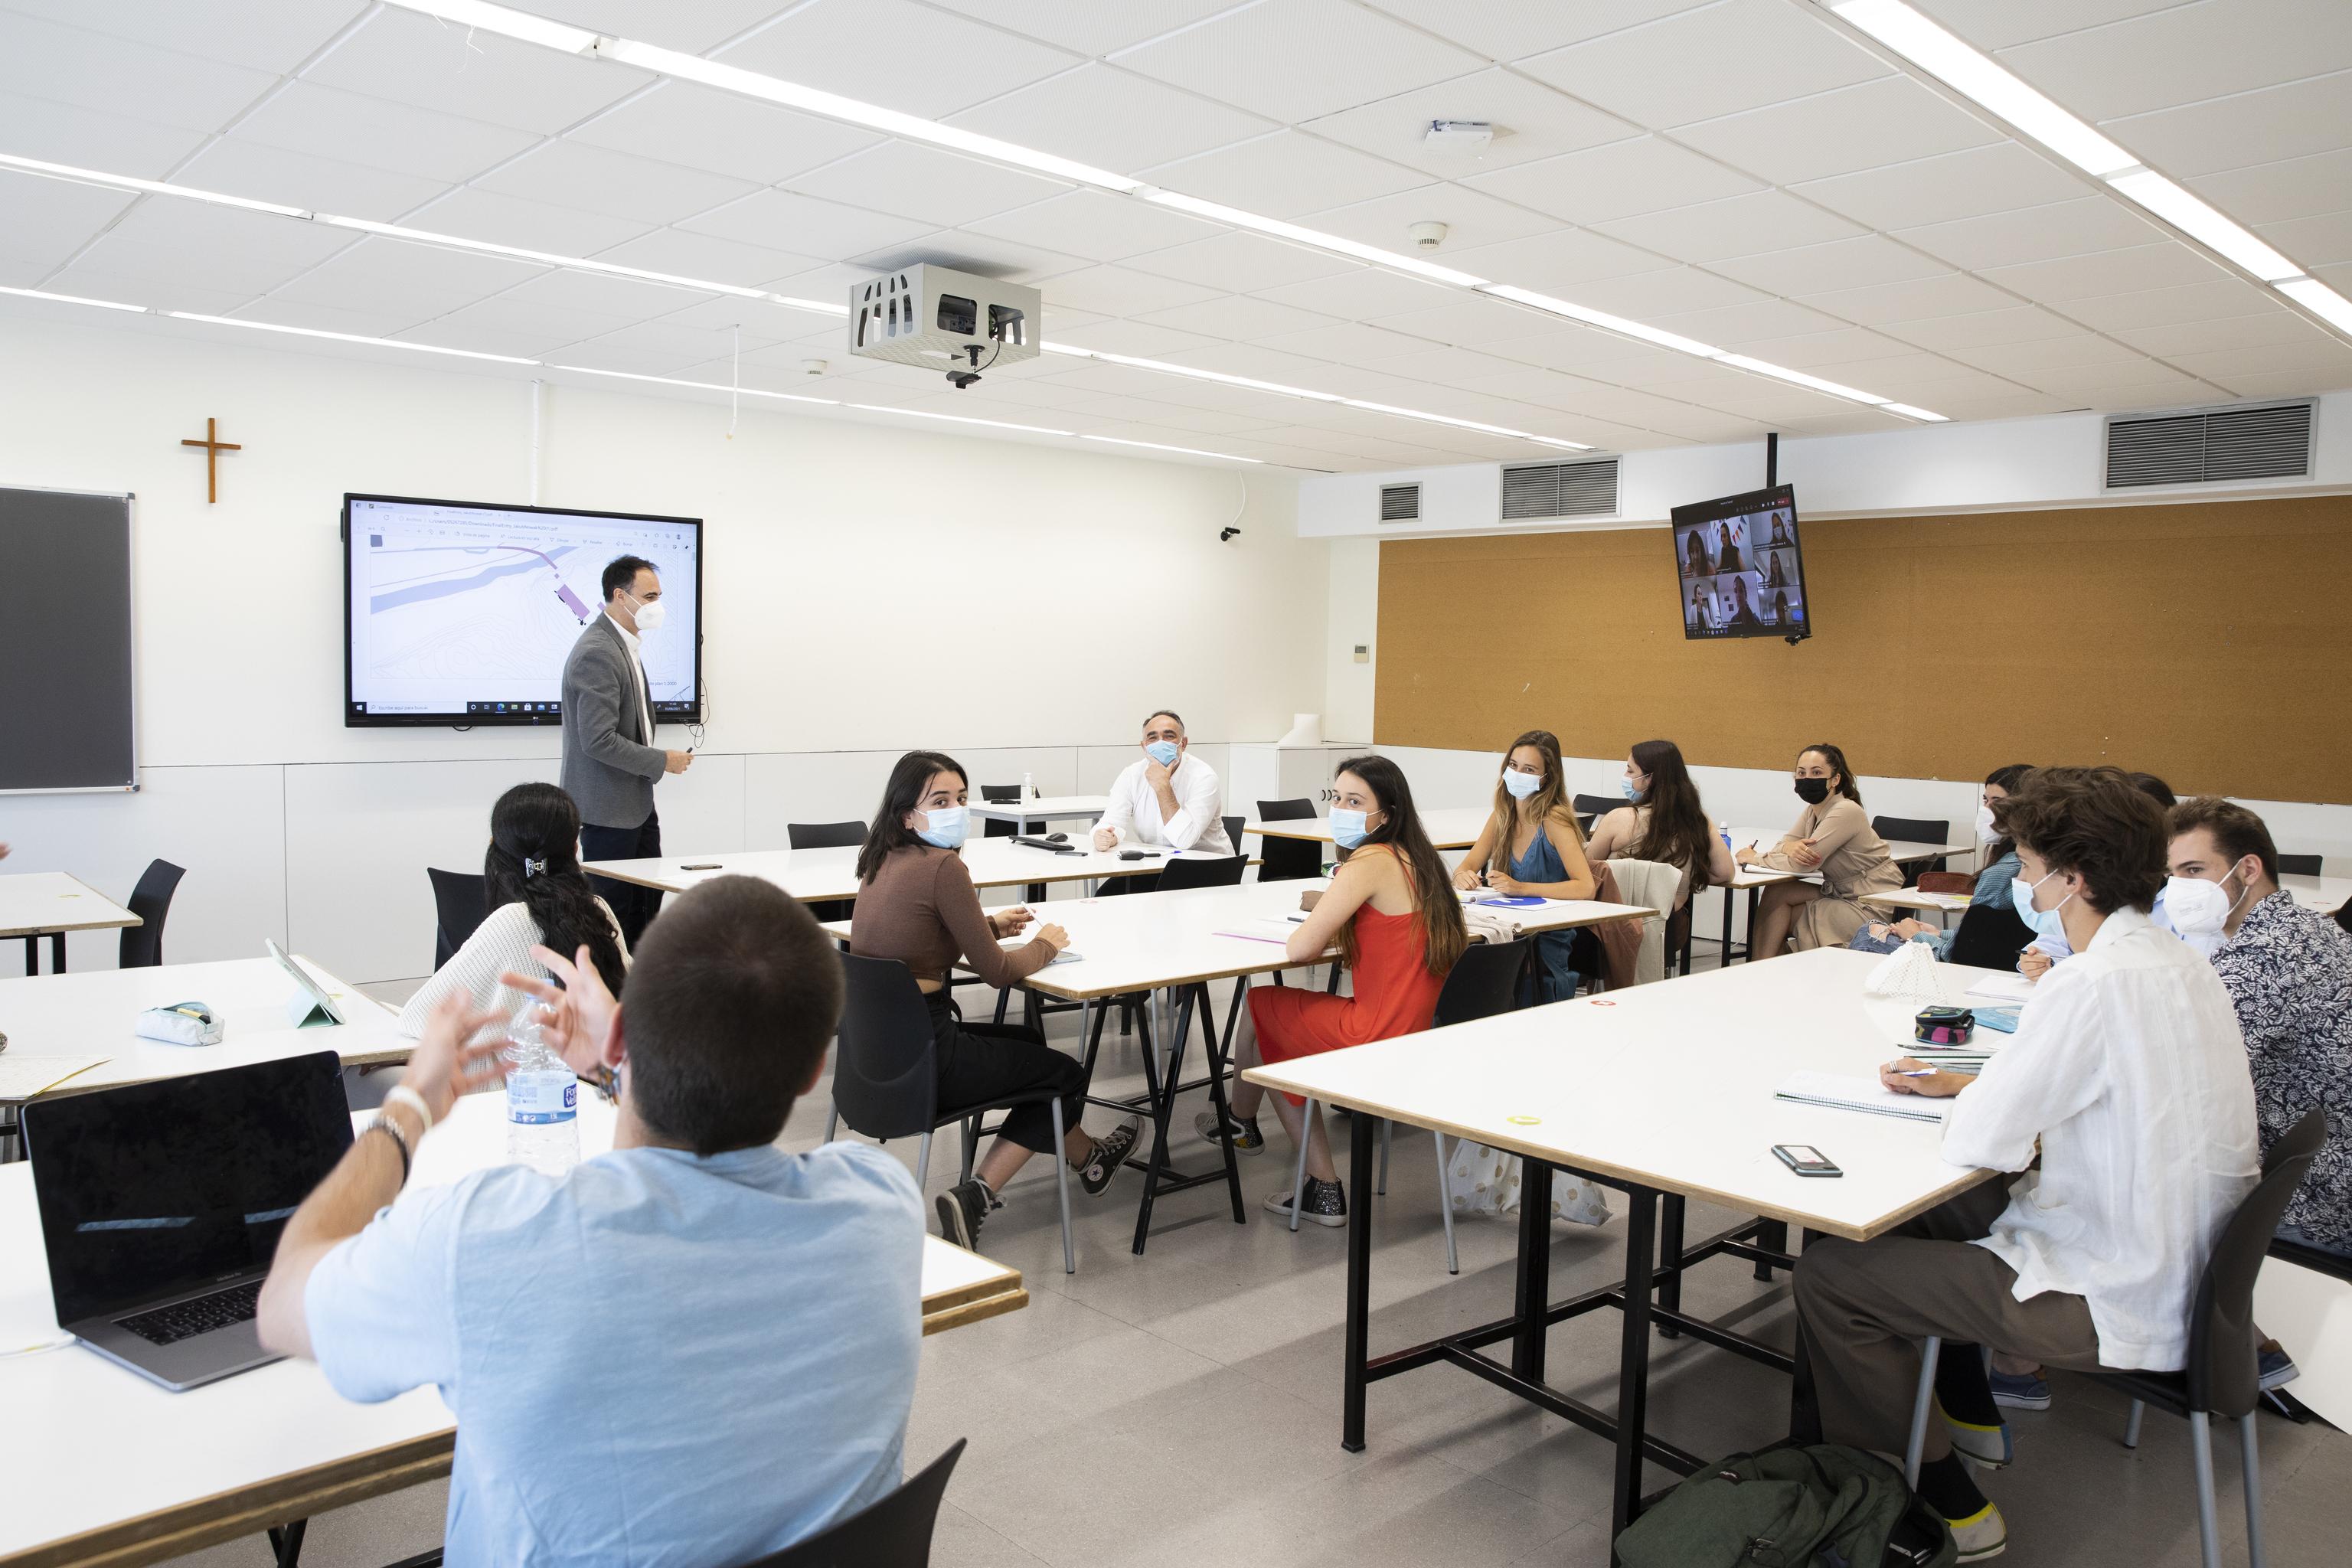 Alumnos y profesores de la Escuela Politécnica de la Universidad San Pablo CEU durante una clase híbrida.